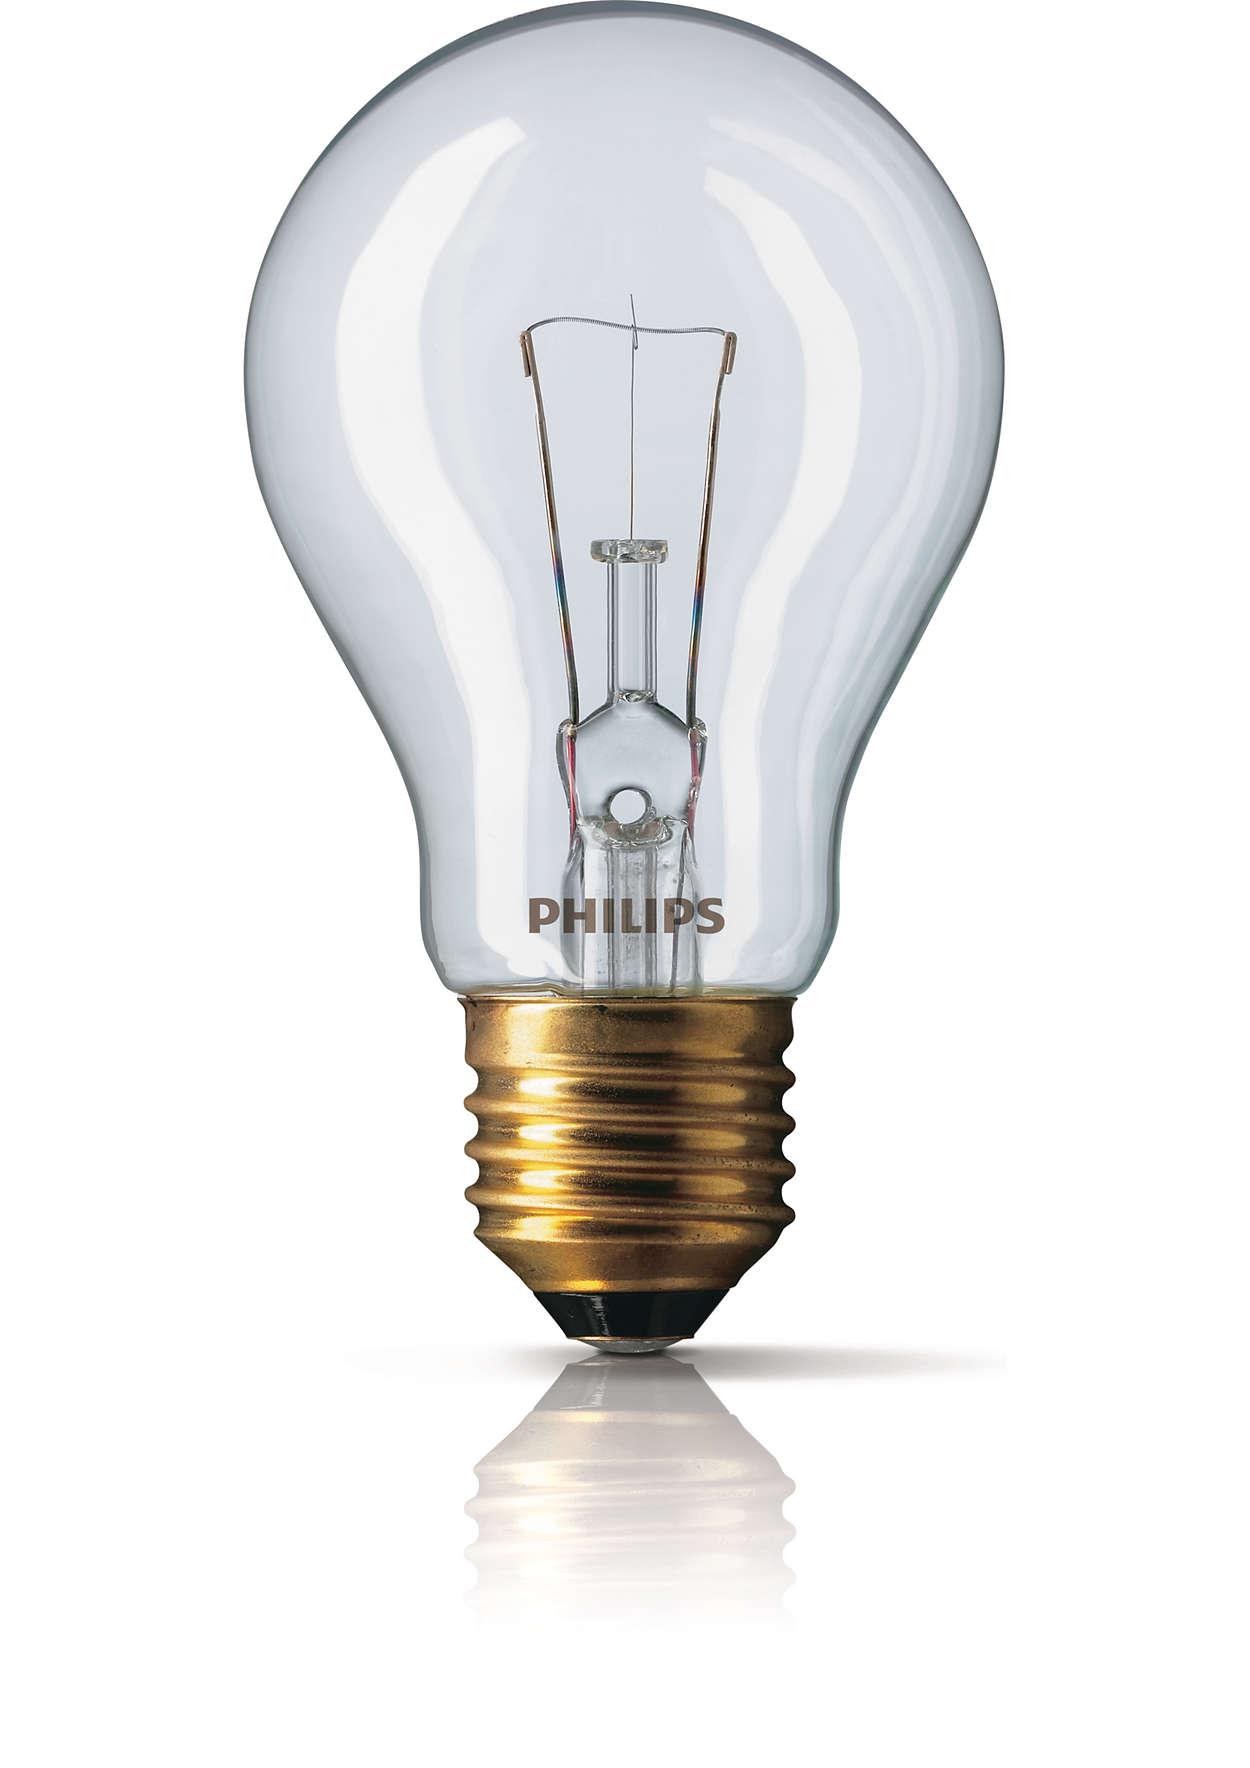 Възхитително ясна светлина – където и да ви е необходима